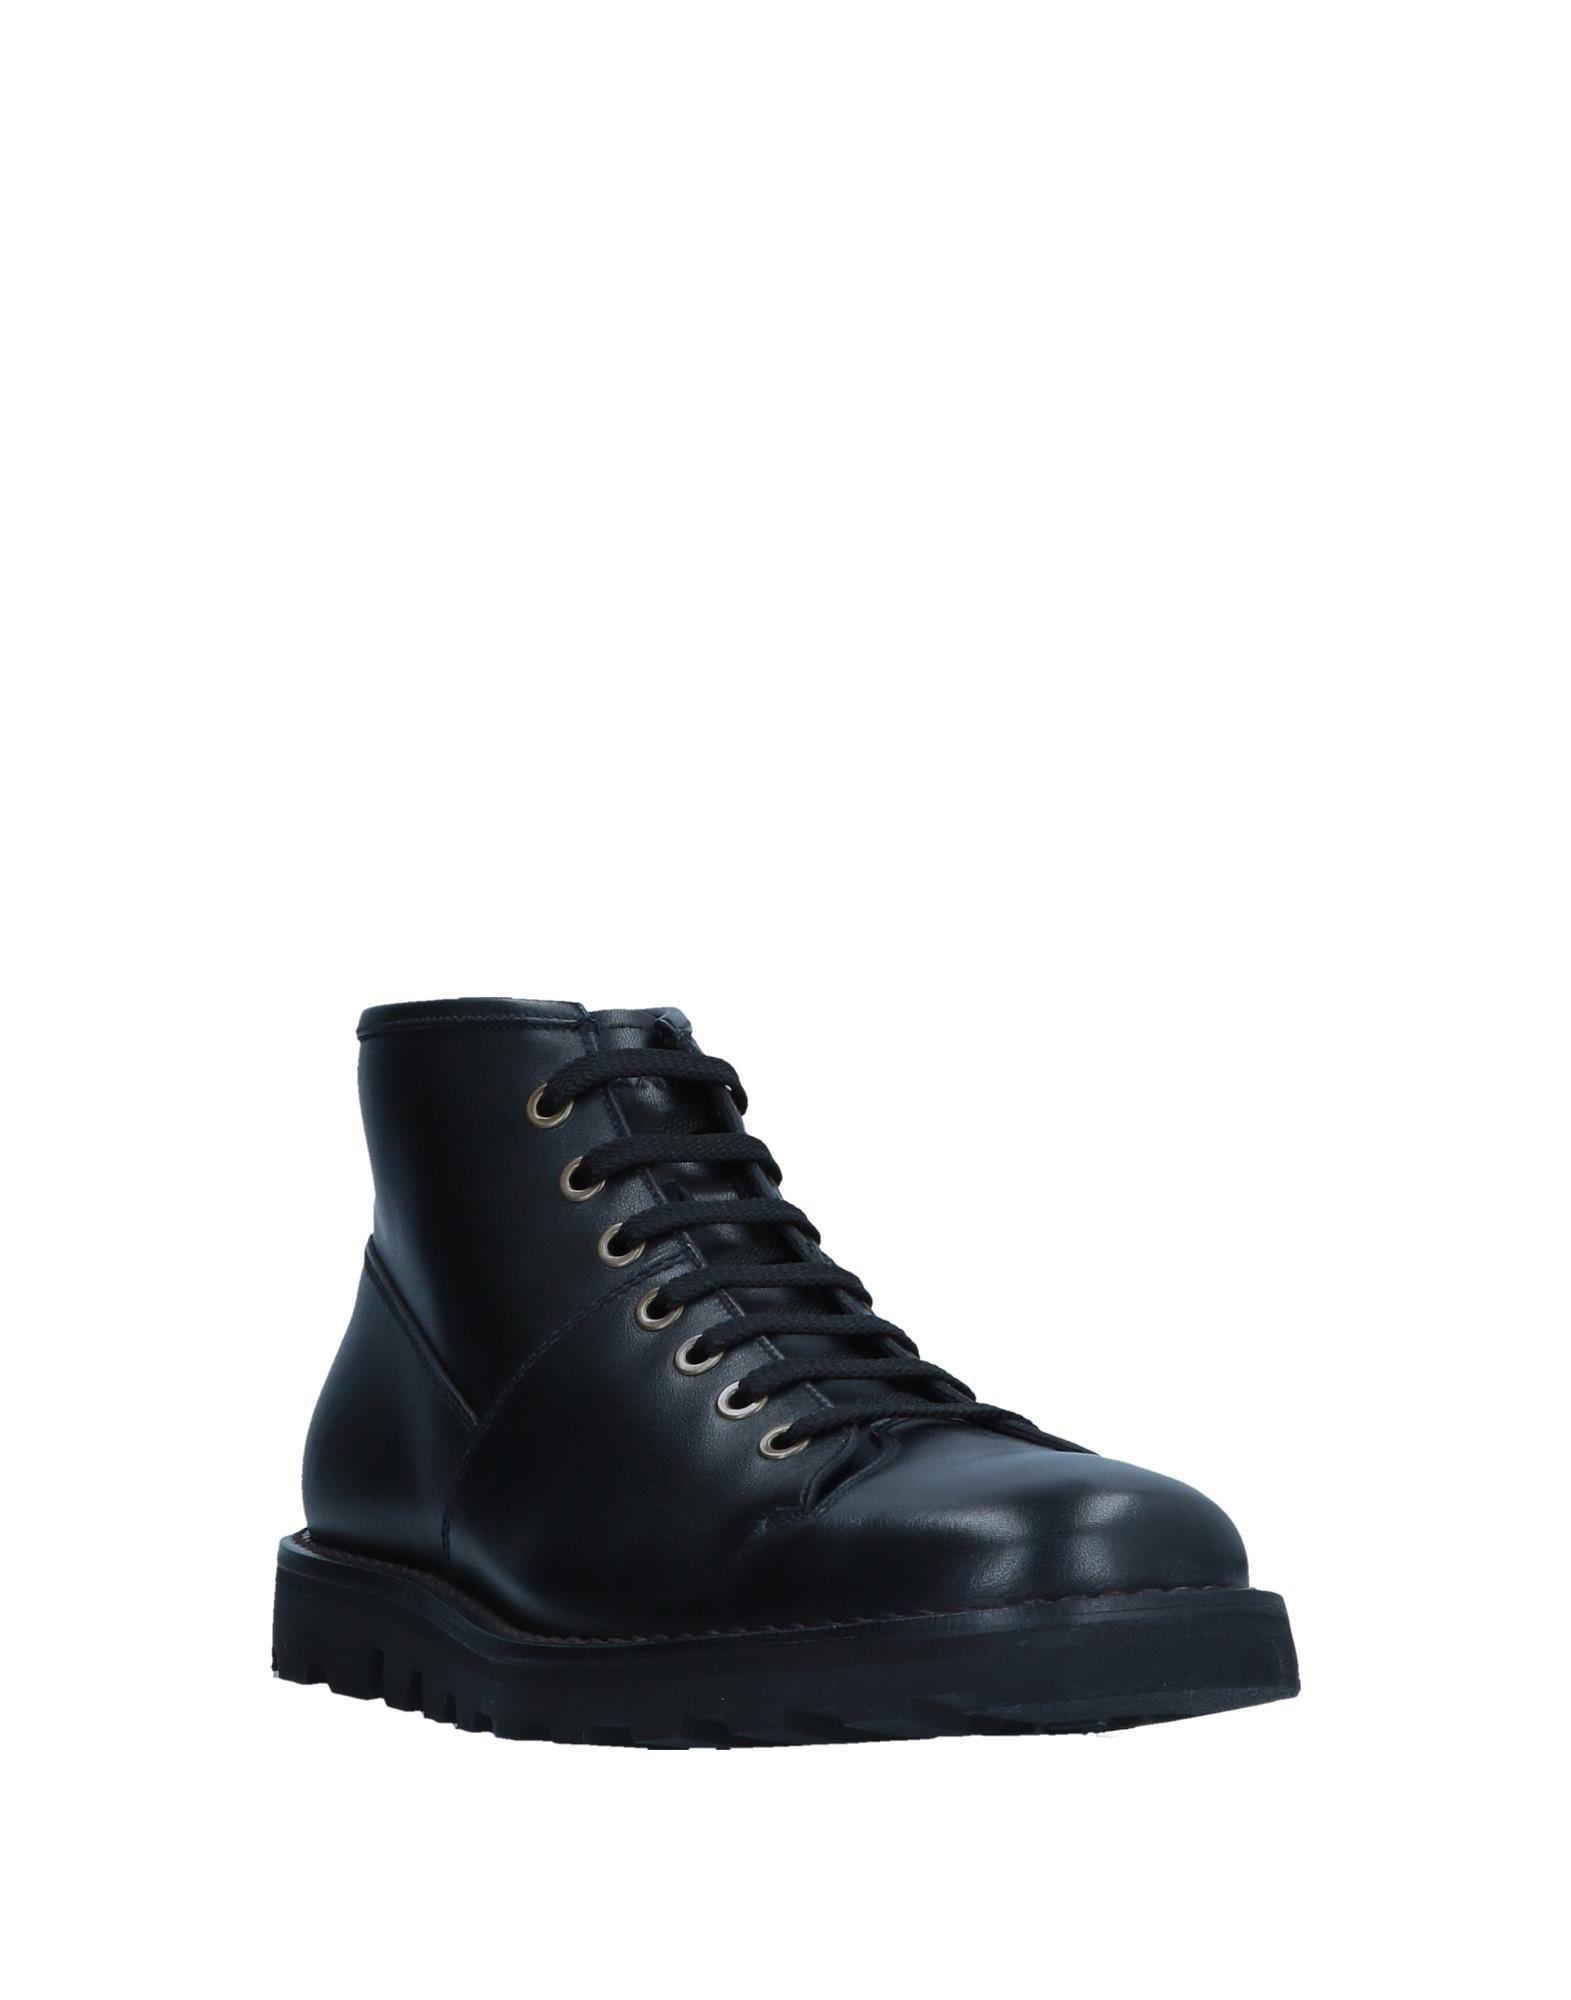 Prada Stiefelette Herren beliebte  11550067PU Gute Qualität beliebte Herren Schuhe 63b6c2